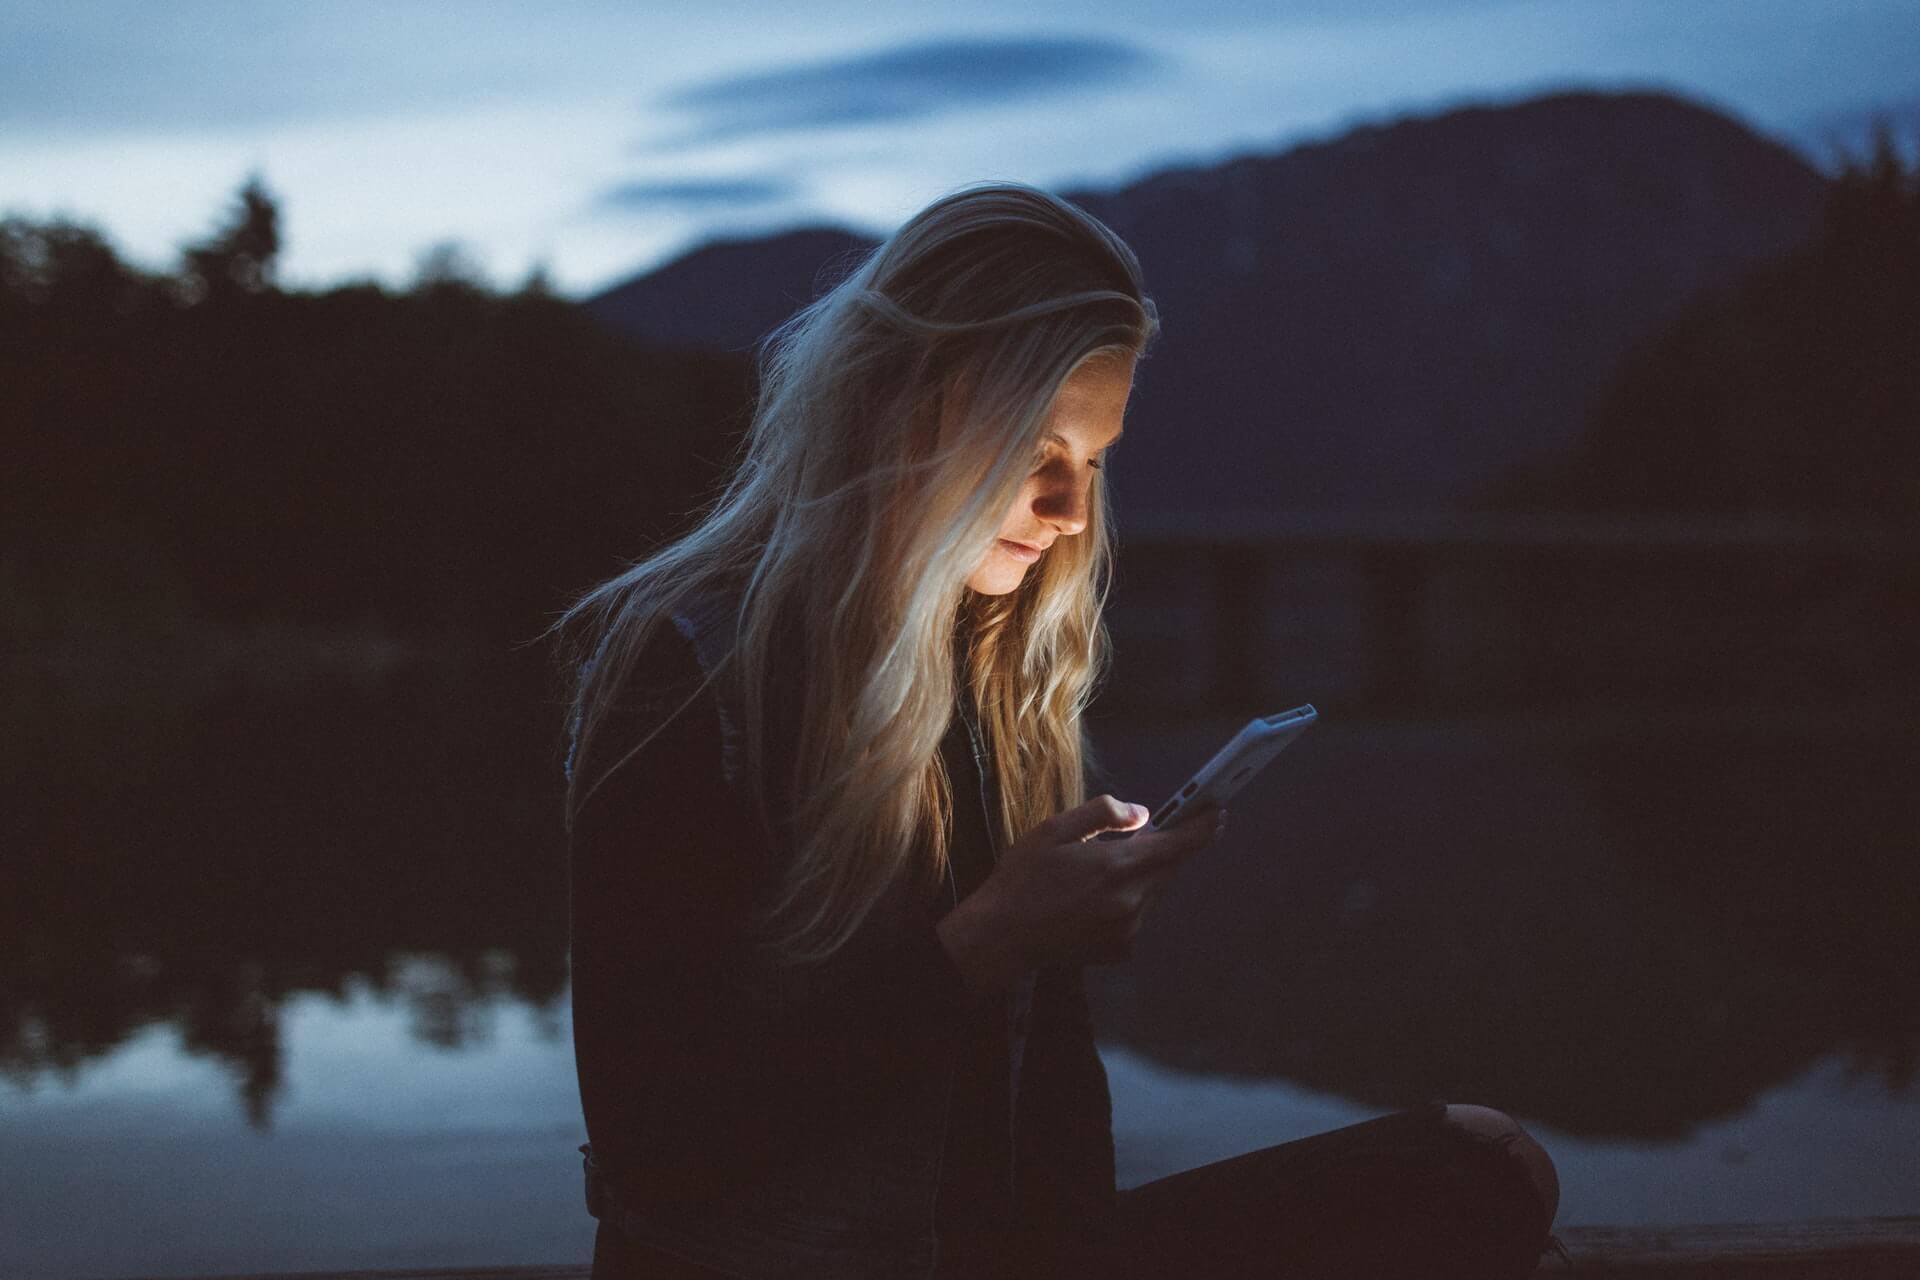 Using Phone at Night.jpg